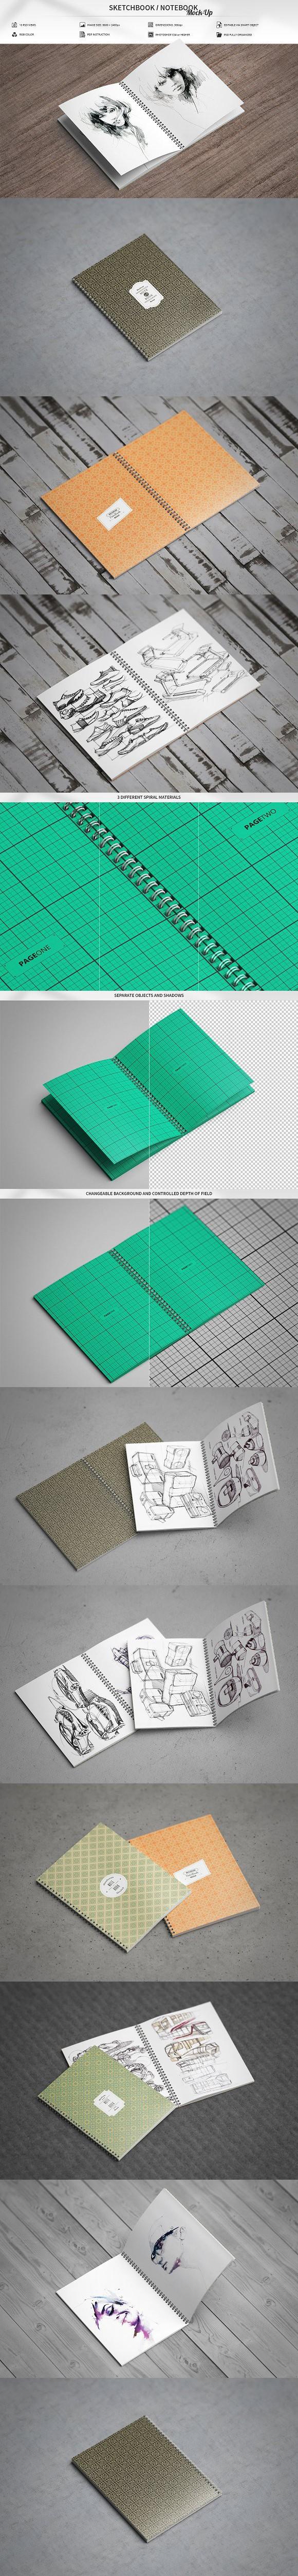 Sketchbook Notebook Mock Up Photoshop Textures Sketch Book Mockup